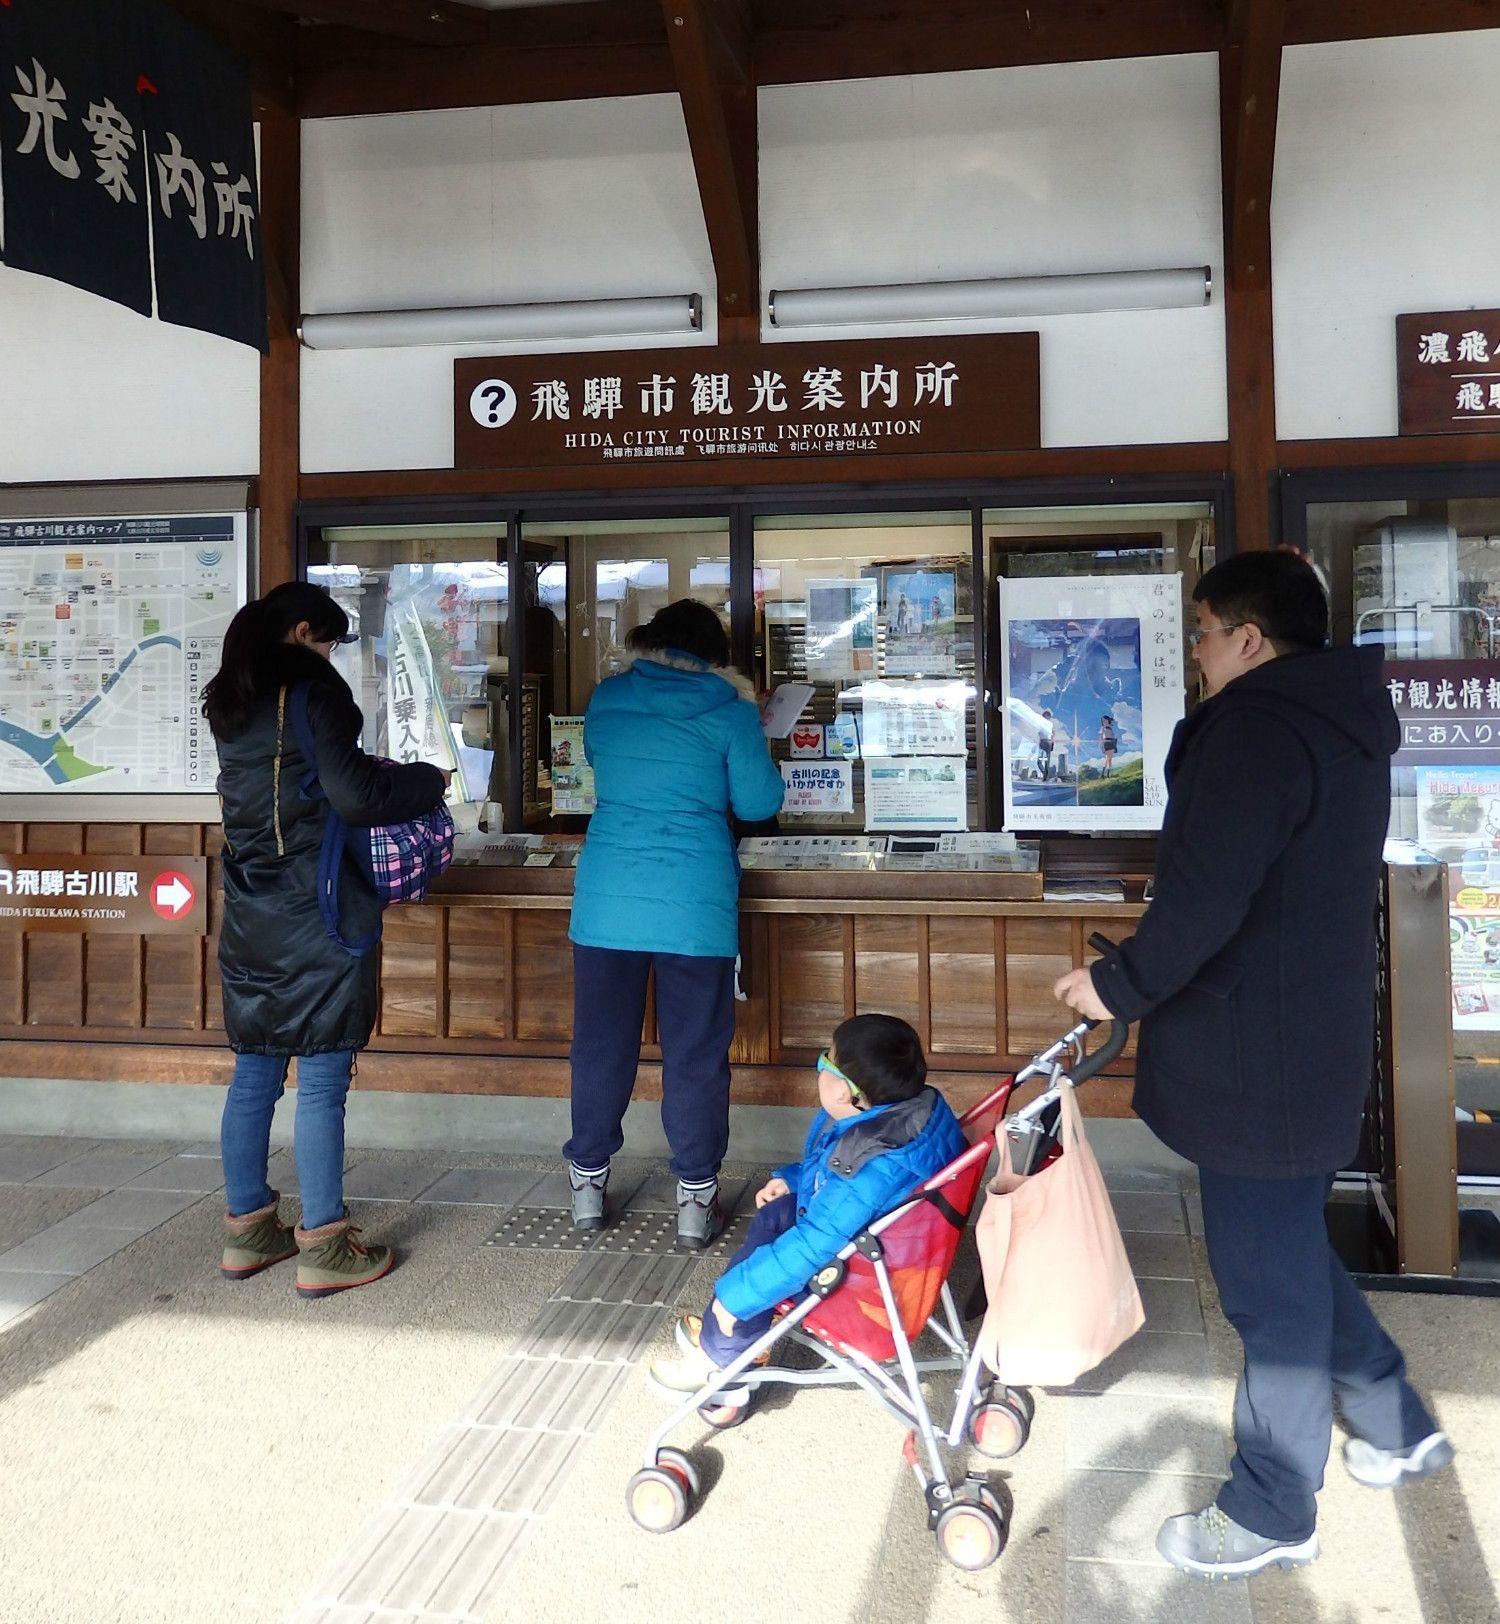 中国産トイレ盗撮 活発に街を動き回る若い人間は、いずれも台湾人や中国人と思われる外国人観光客ばかりだった。特にカップルや、ベビーカーを押す家族連れの姿が目立ち、幸せそうな  ...